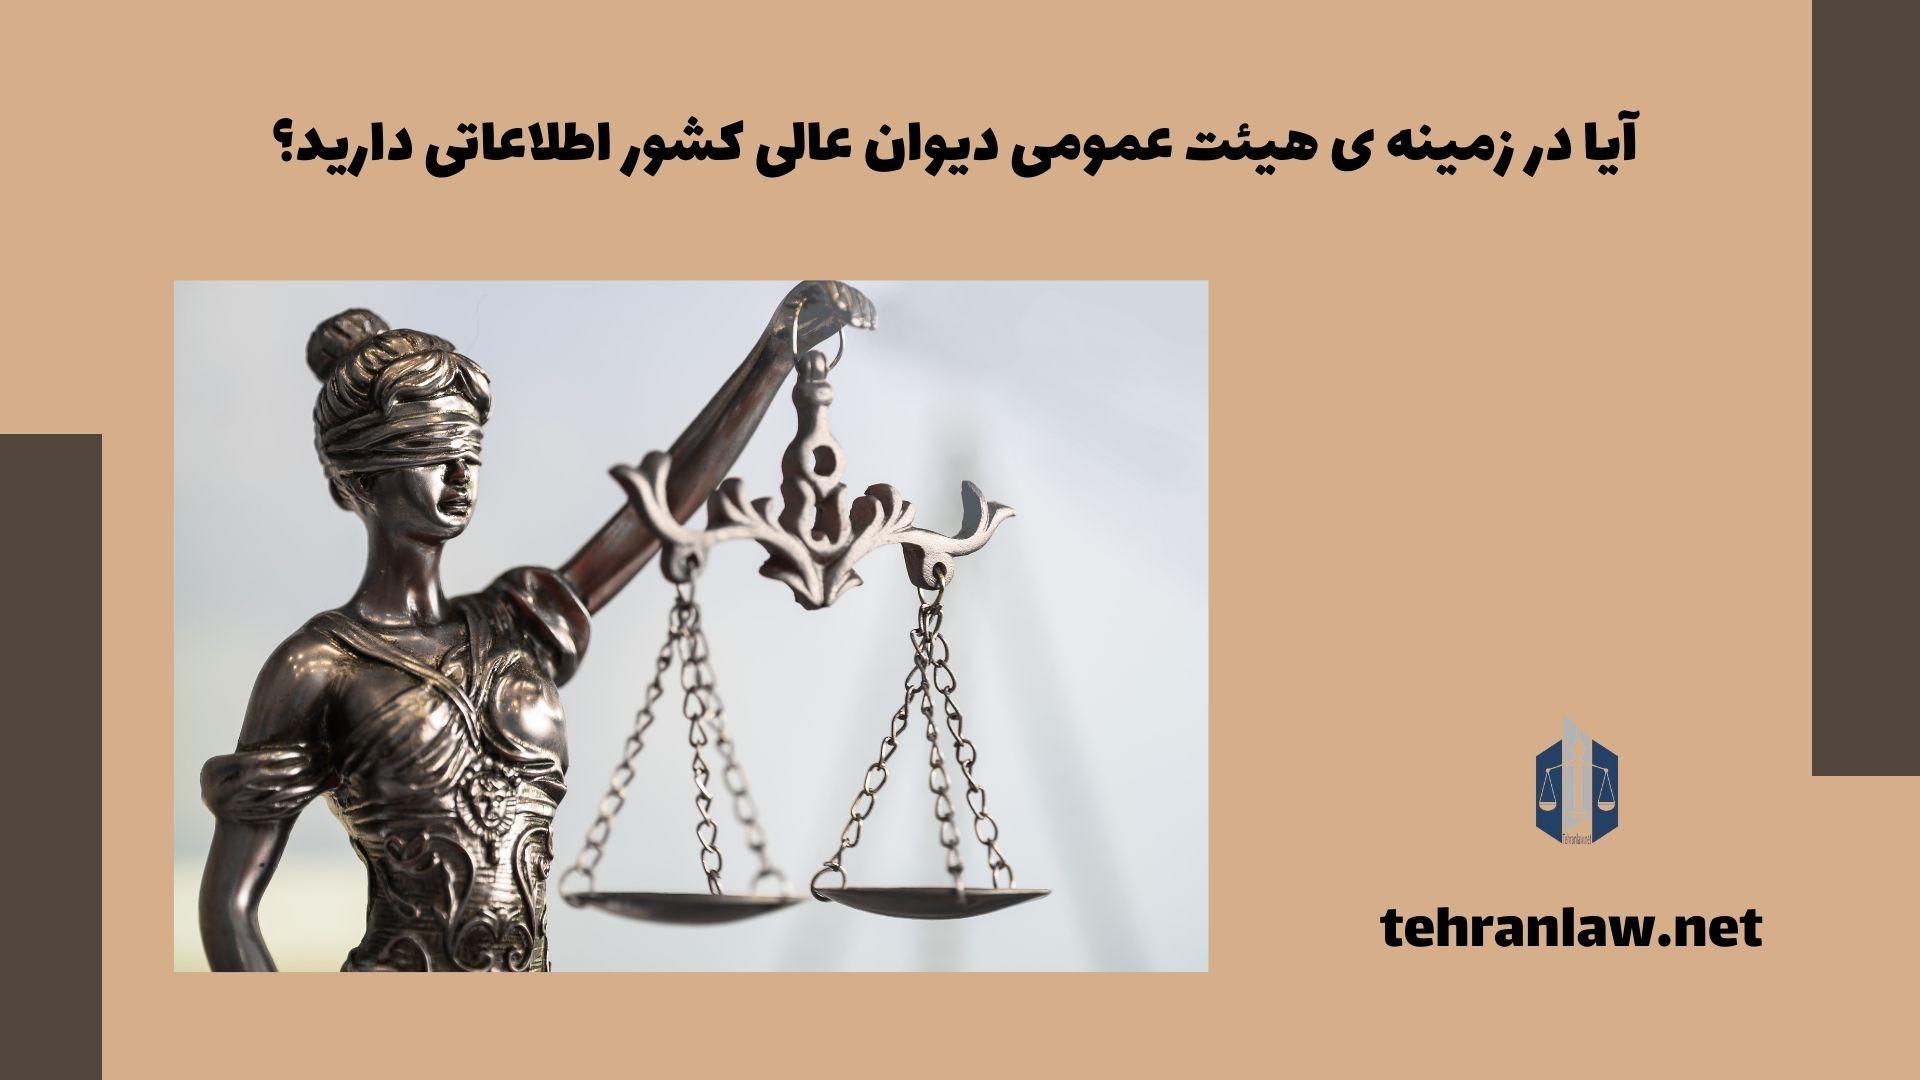 آیا در زمینه ی هیئت عمومی دیوان عالی کشور اطلاعاتی دارید؟